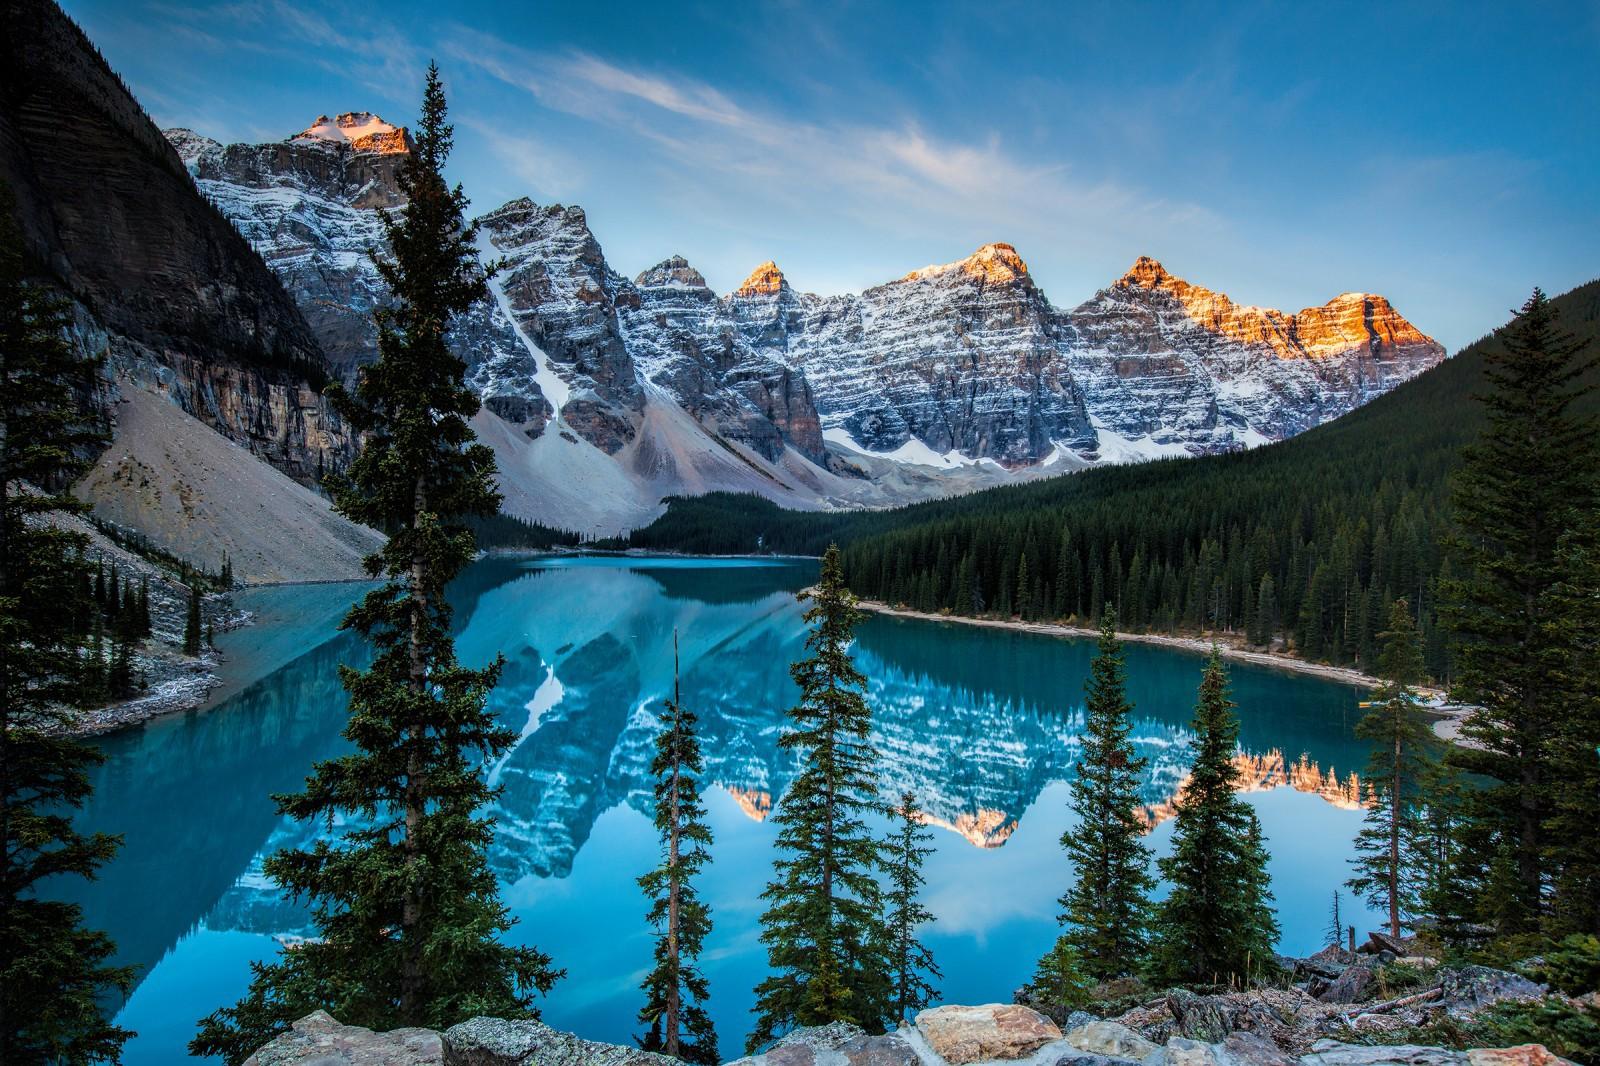 Glacier Lake Moiraine Photos